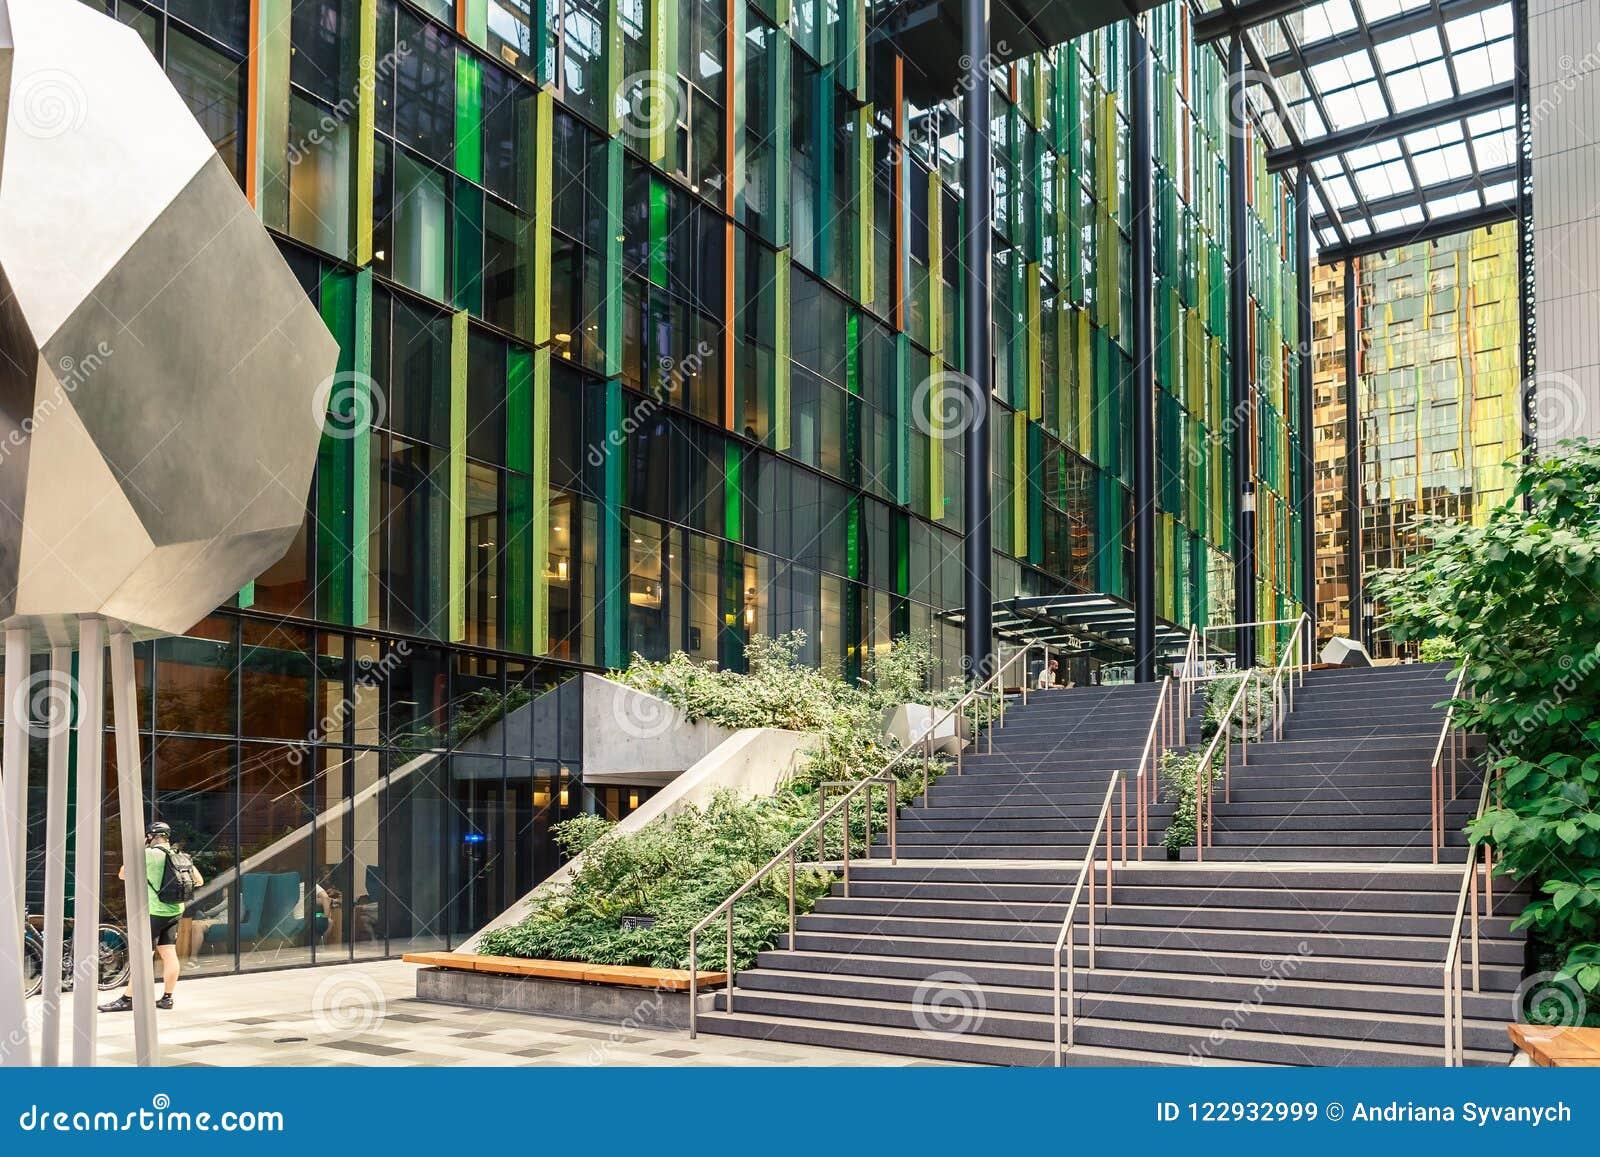 Мир Амазонки размещает штаб сферы США кампуса